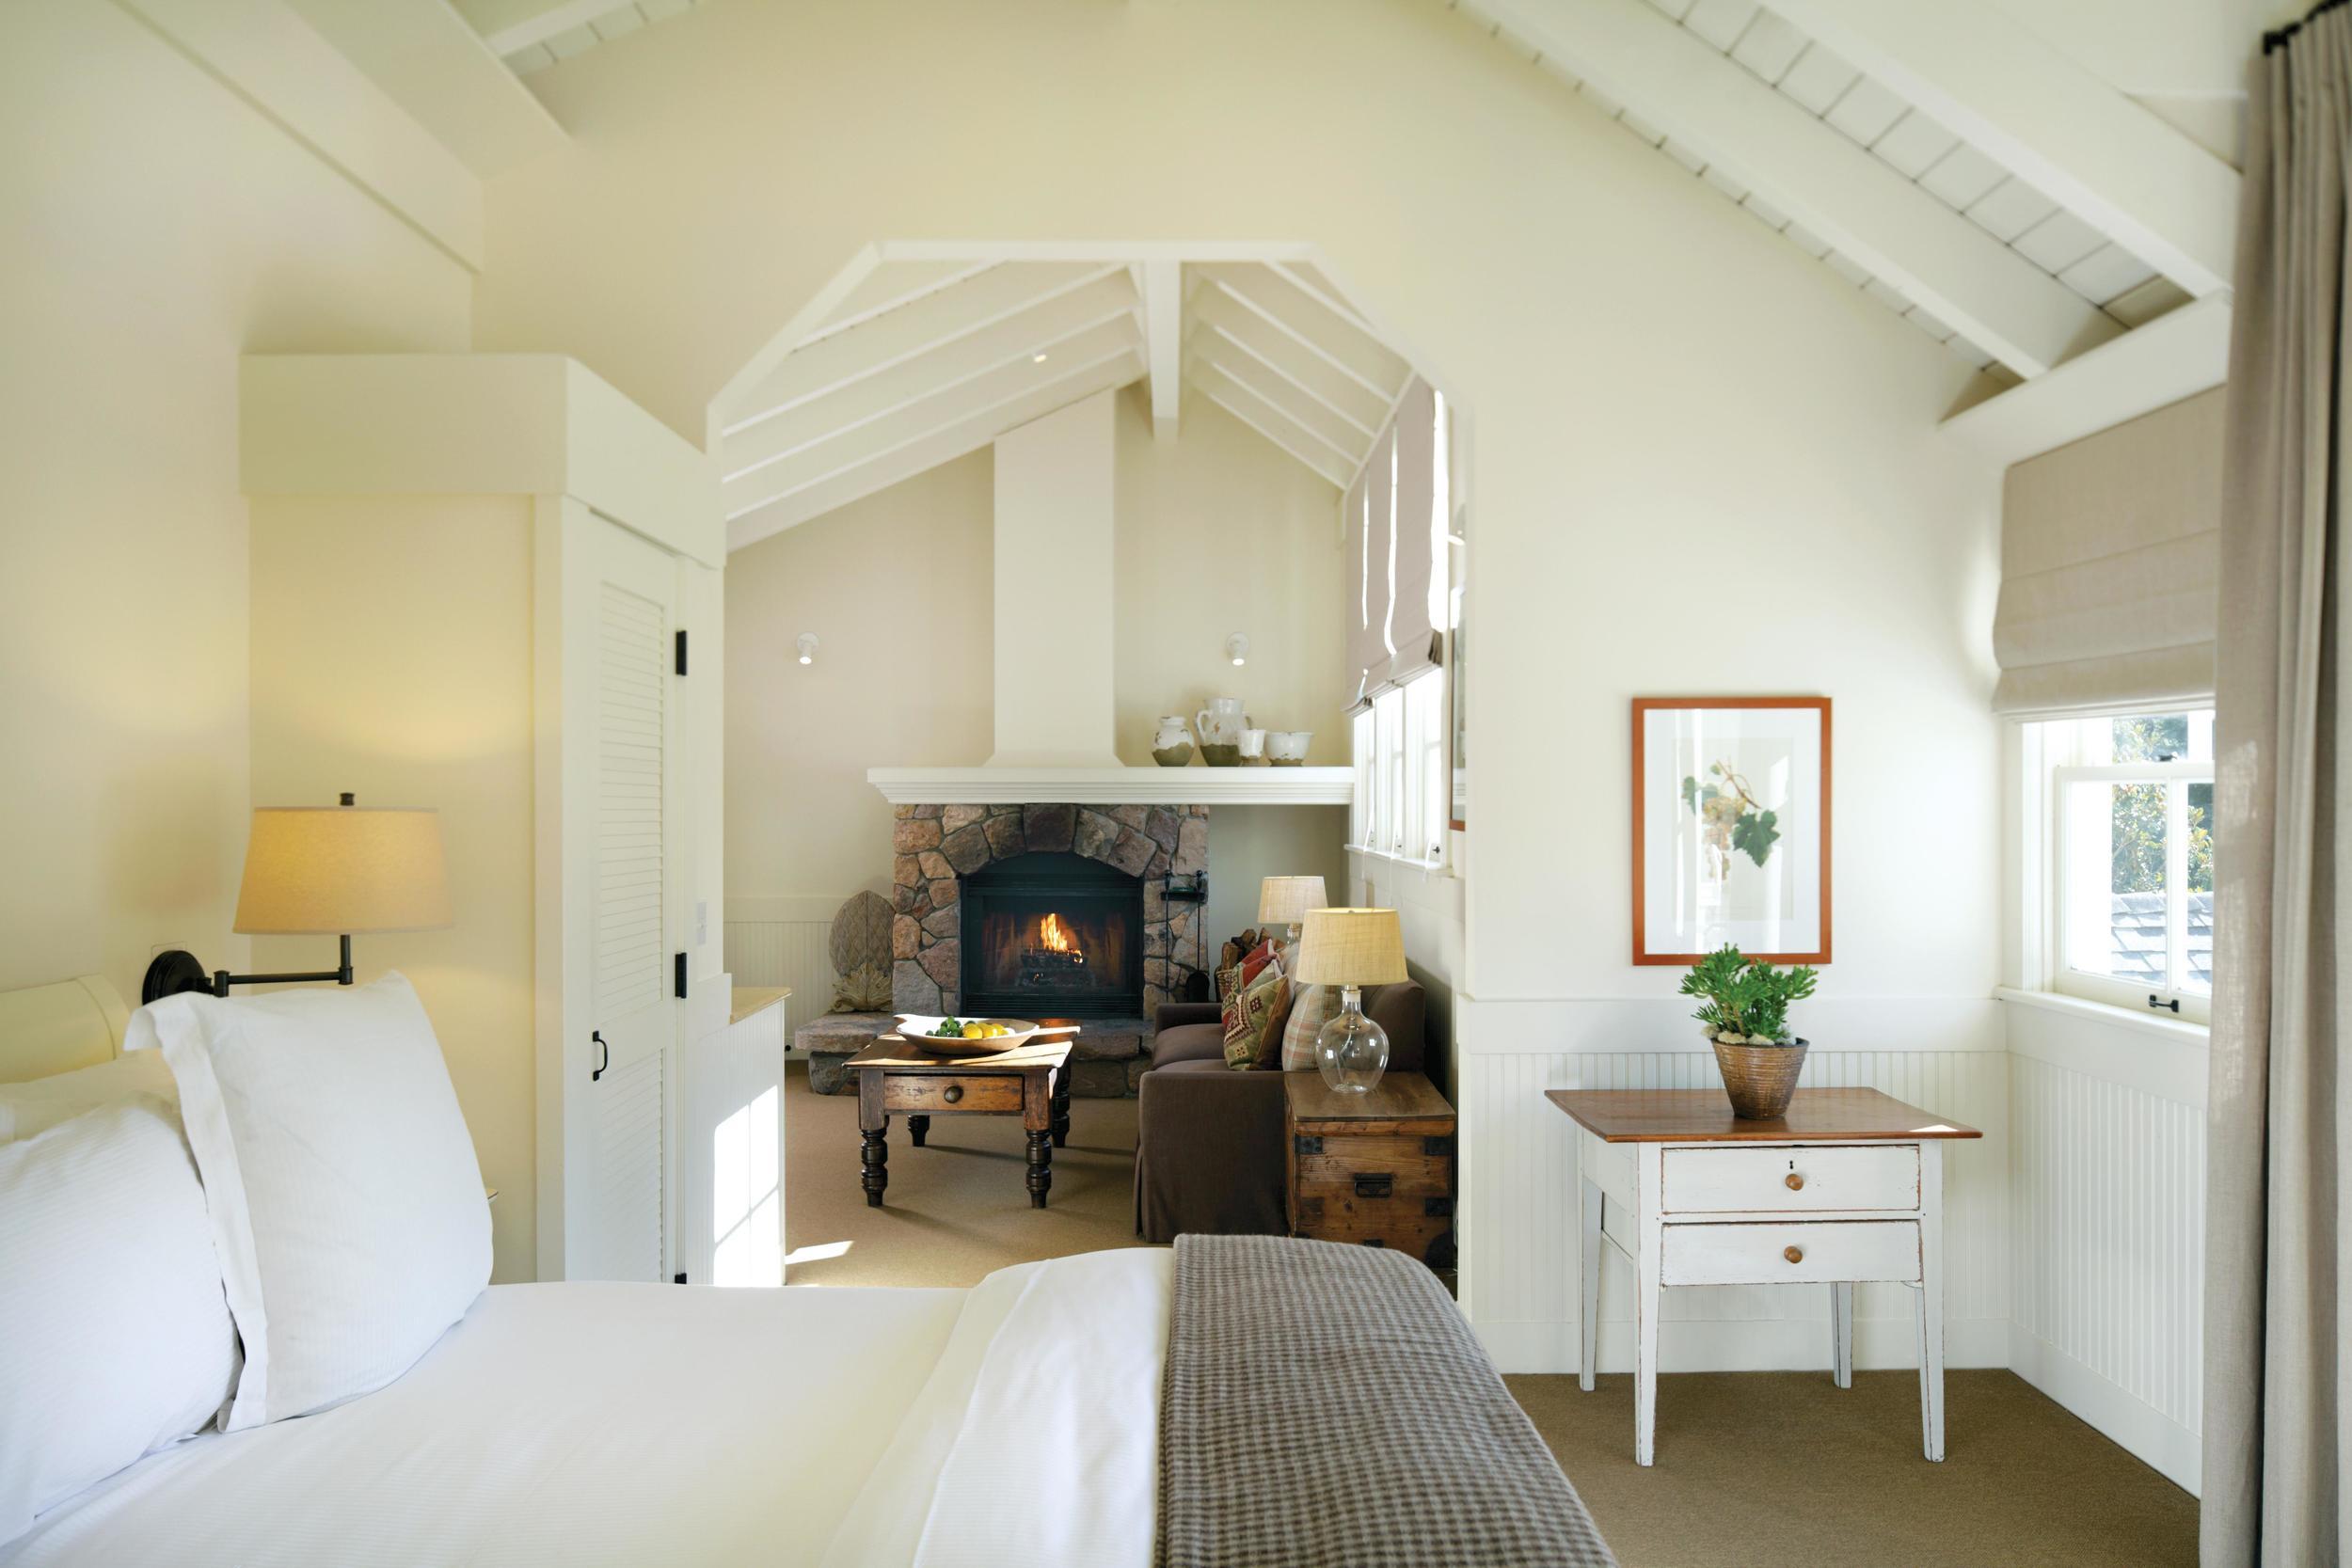 meadowood room.jpg